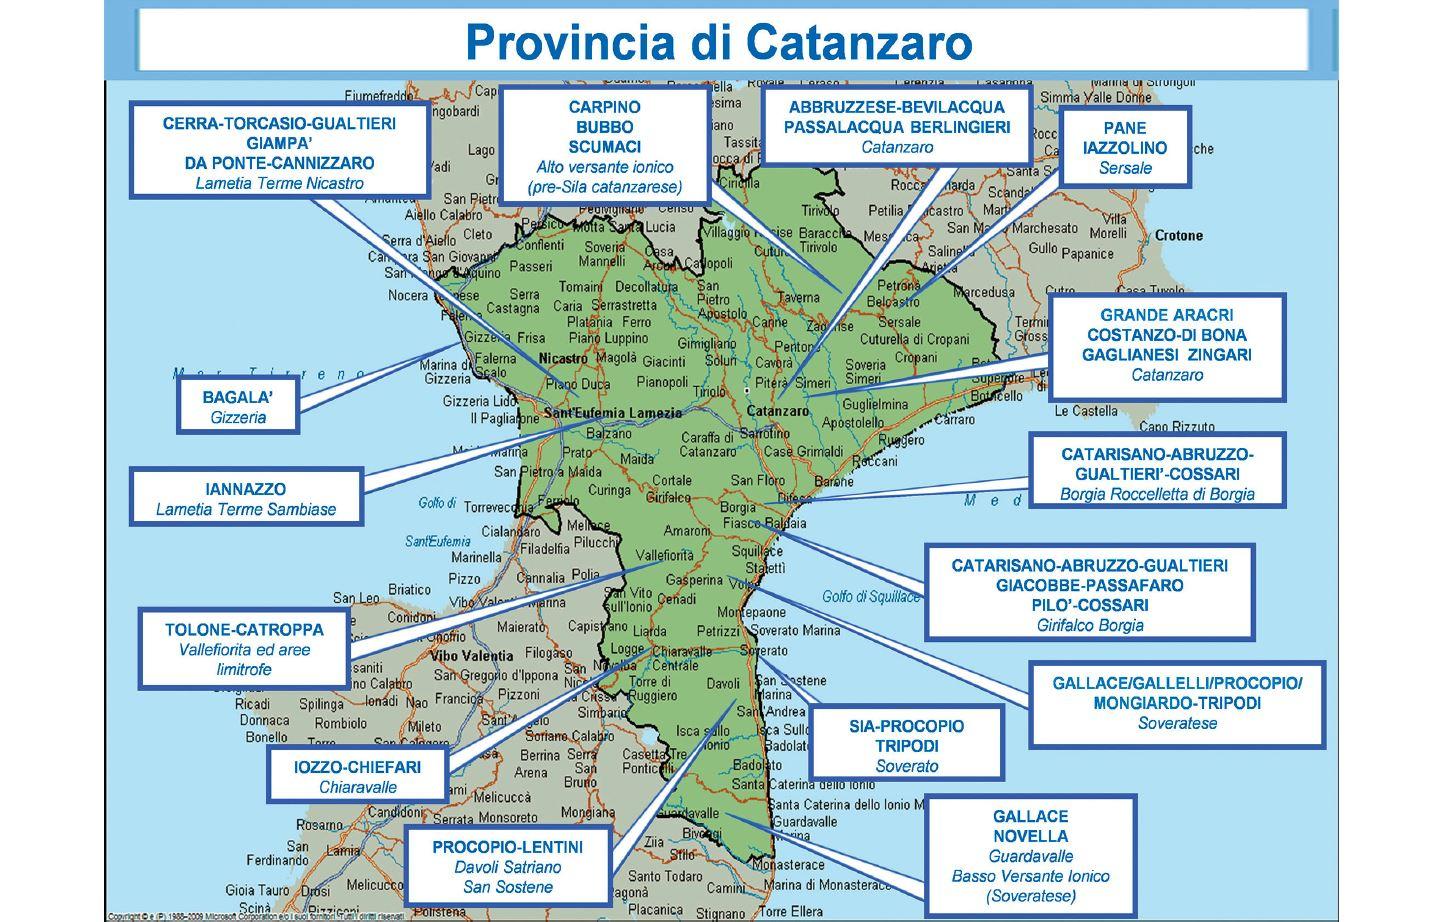 FOTO - Le nuove mappe delle 'ndrine in CalabriaLa ripartizione del territorio secondo l'ultimo rapporto Dia